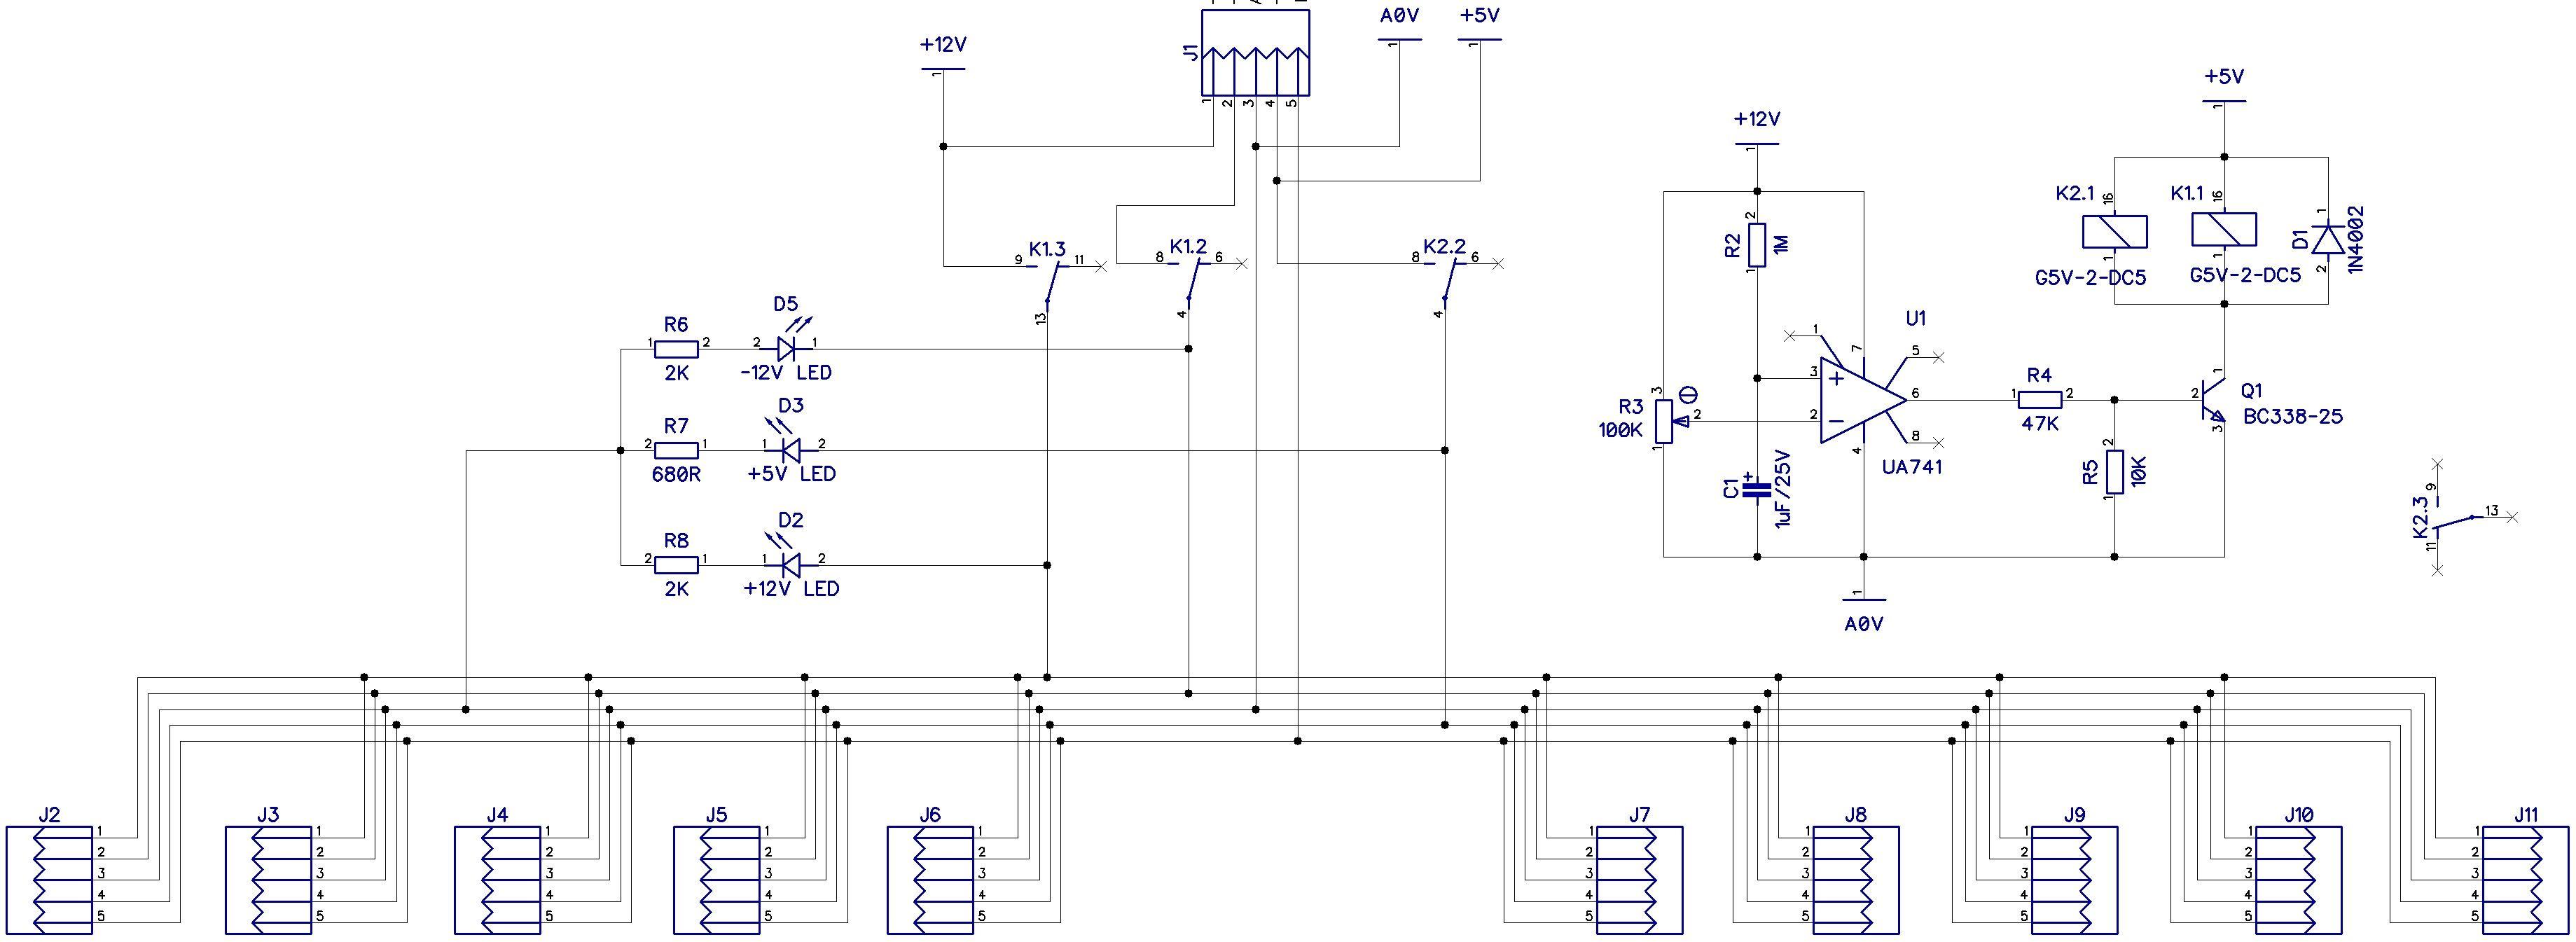 medium resolution of panel board schematic database wiring diagram panel board schematic panel board schematic